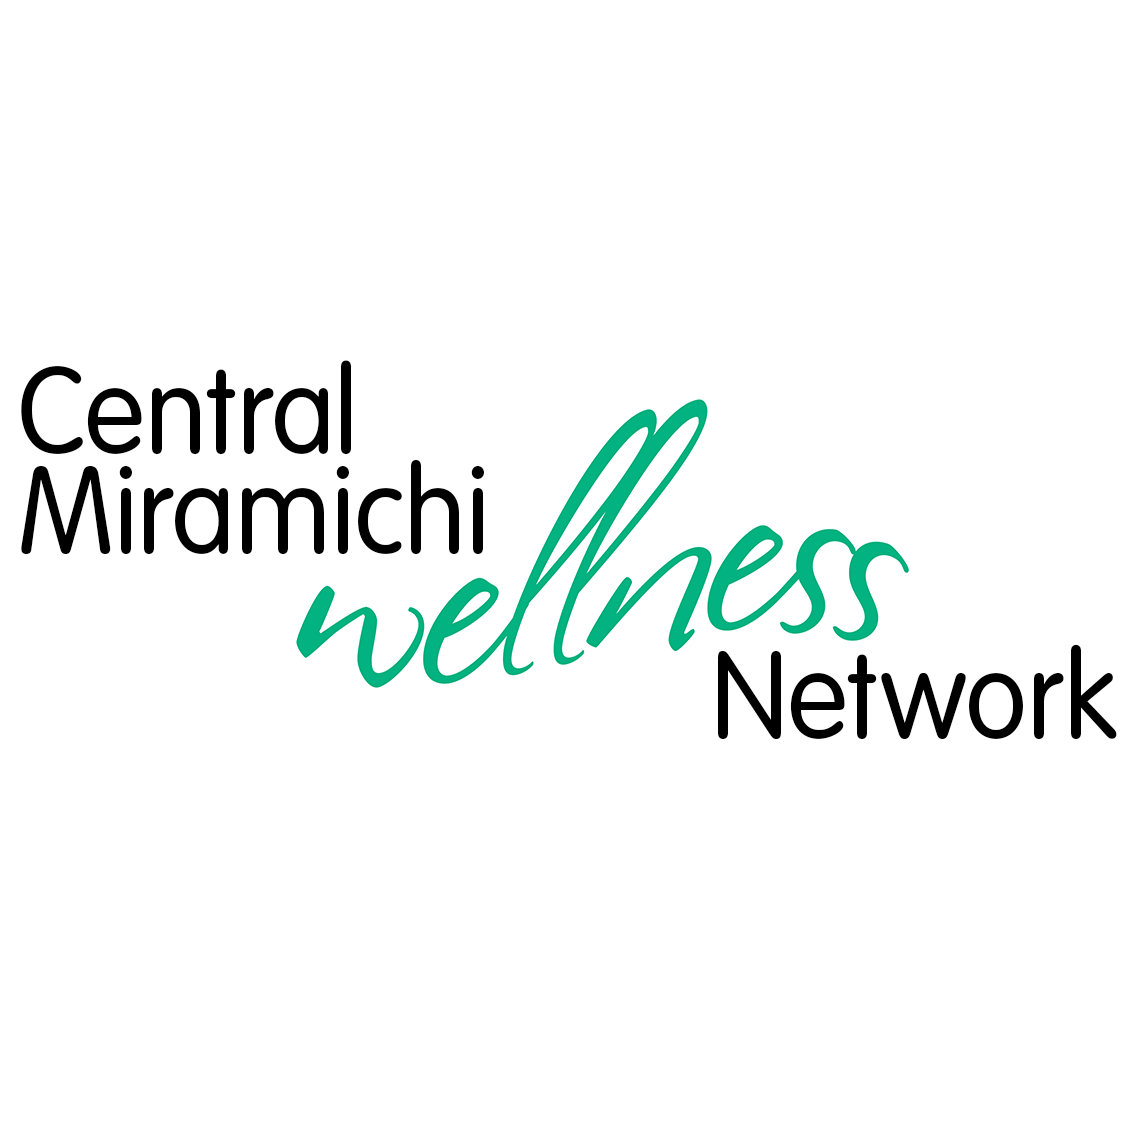 Central Miramichi